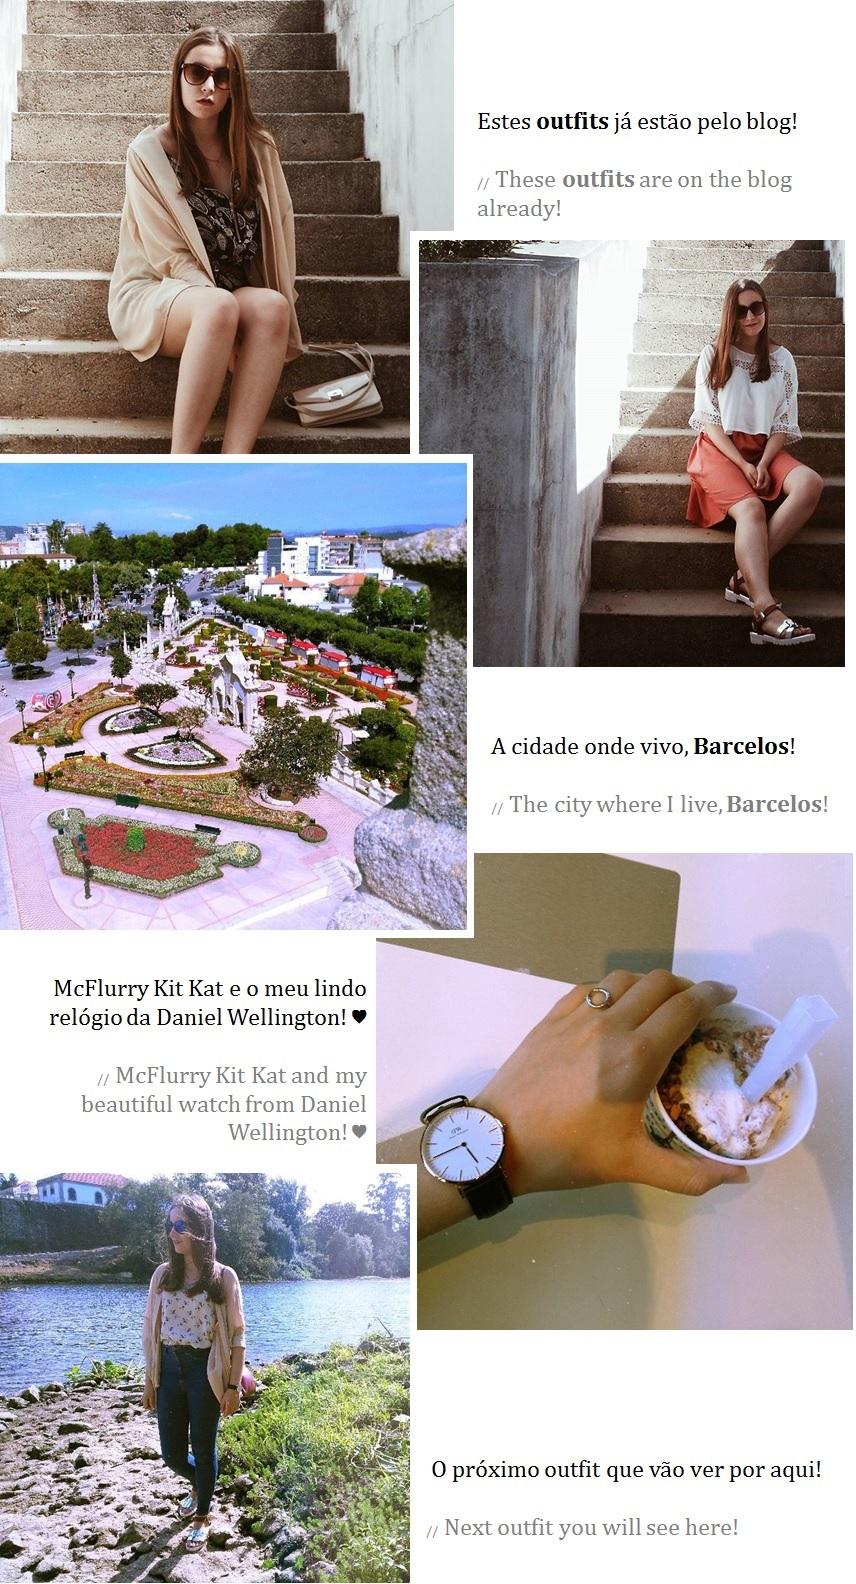 #24 My days through Instagram